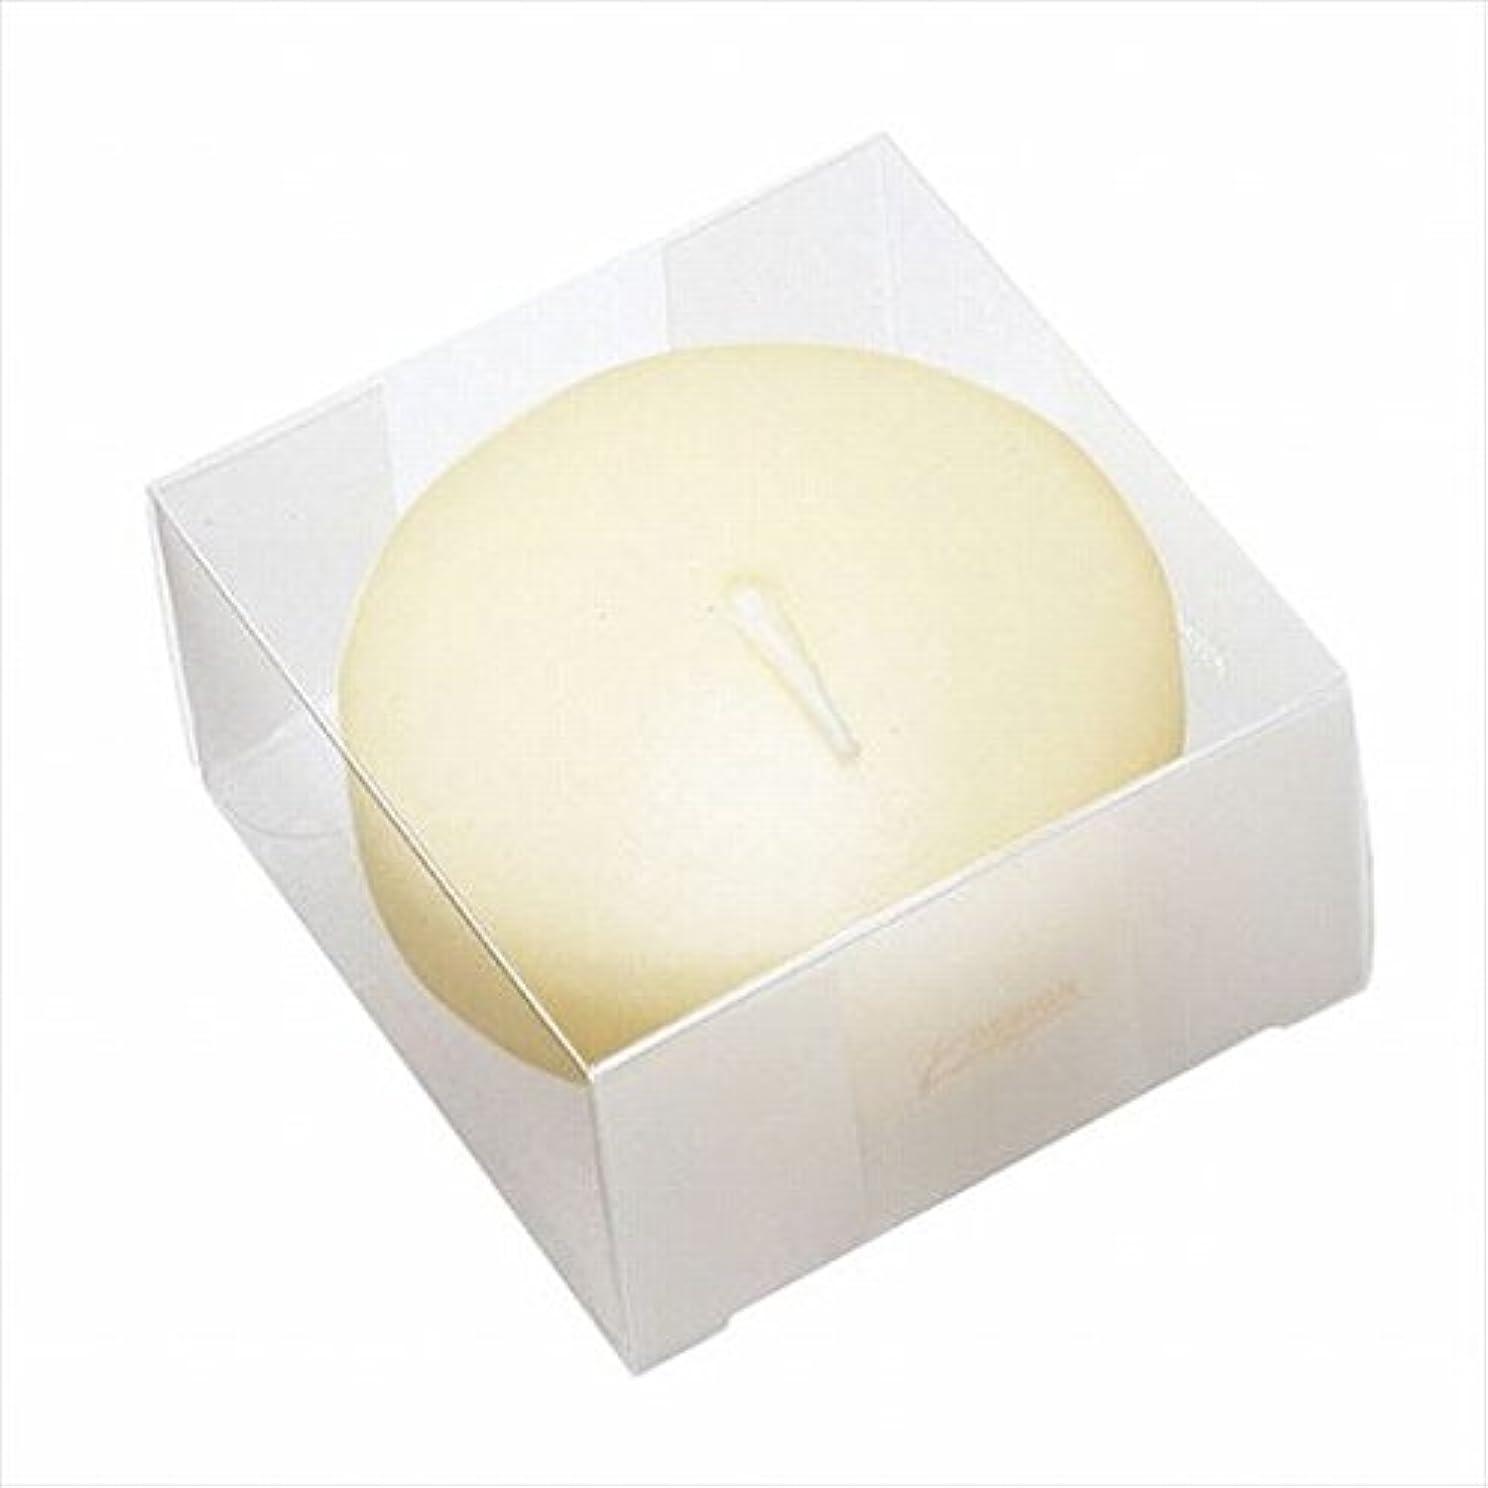 満足信条チャーミングカメヤマキャンドル(kameyama candle) プール80(箱入り) 「 アイボリー 」